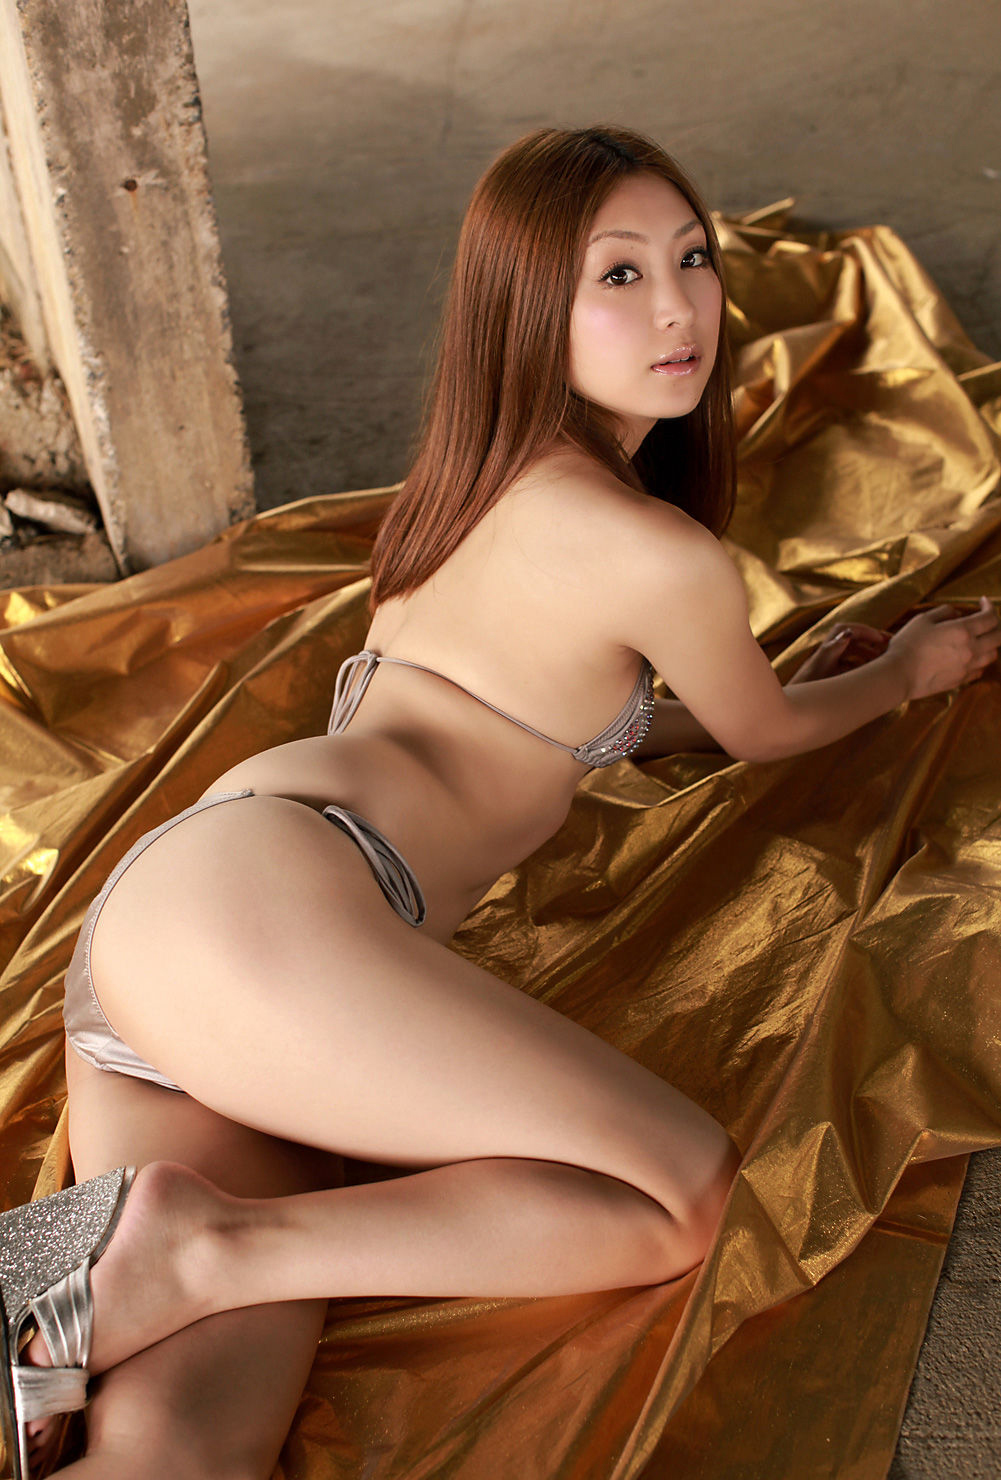 辰巳奈都子 画像 60